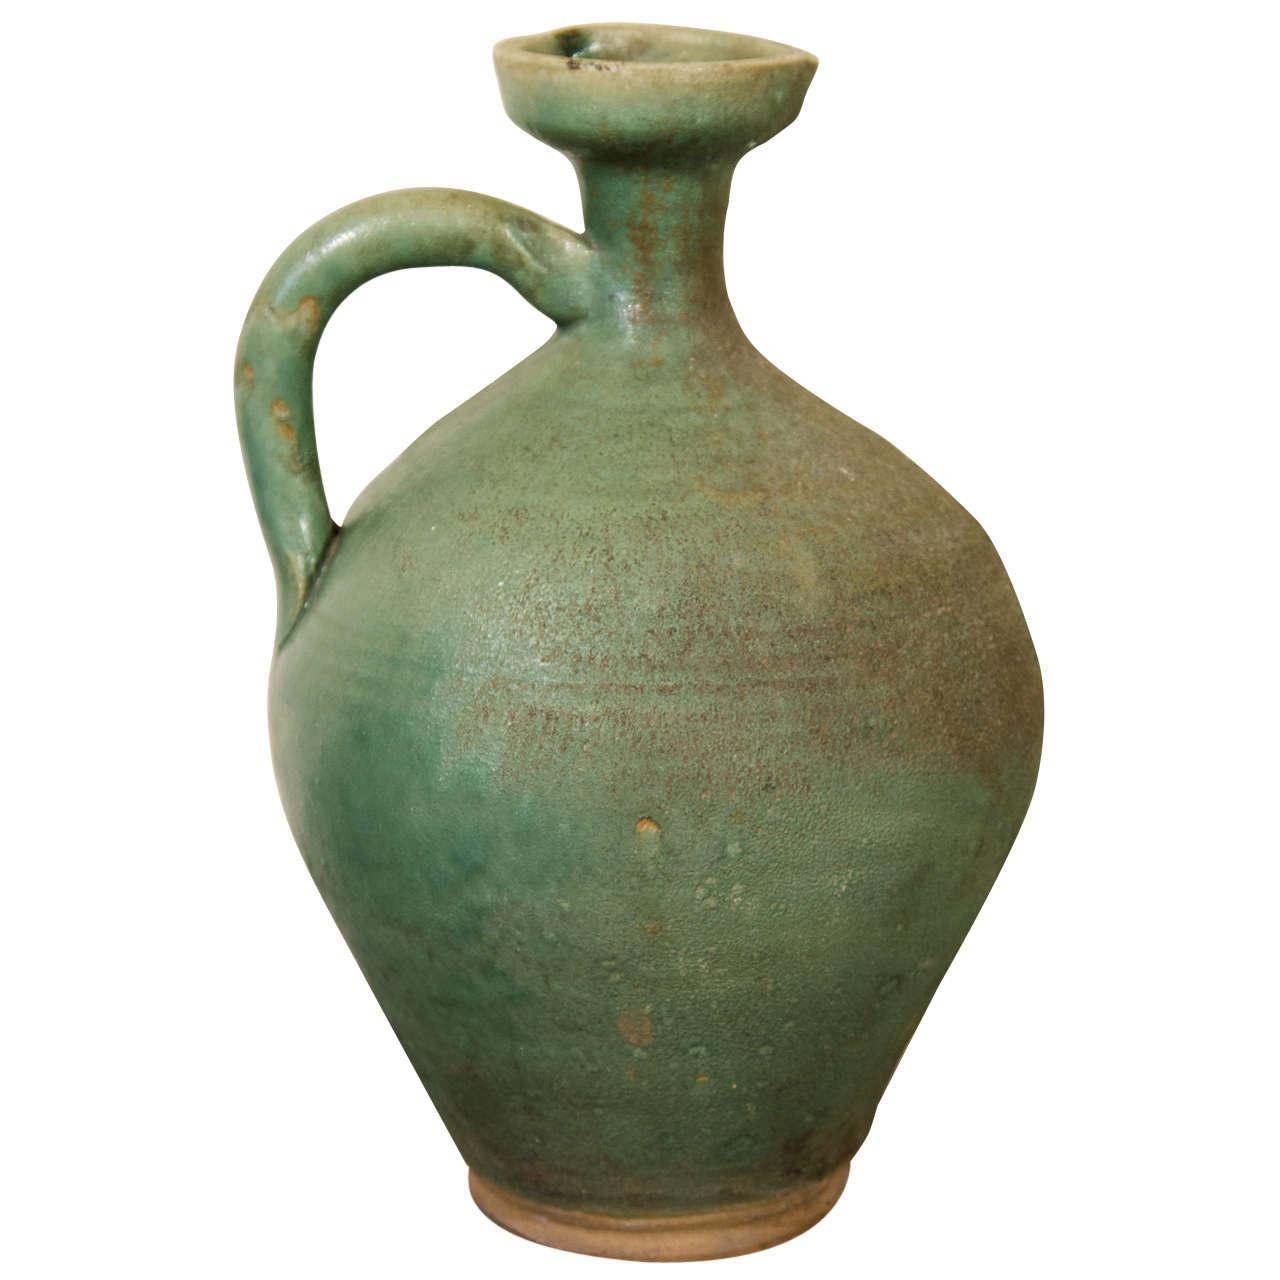 Antique Ceramic Wine Jar For Sale